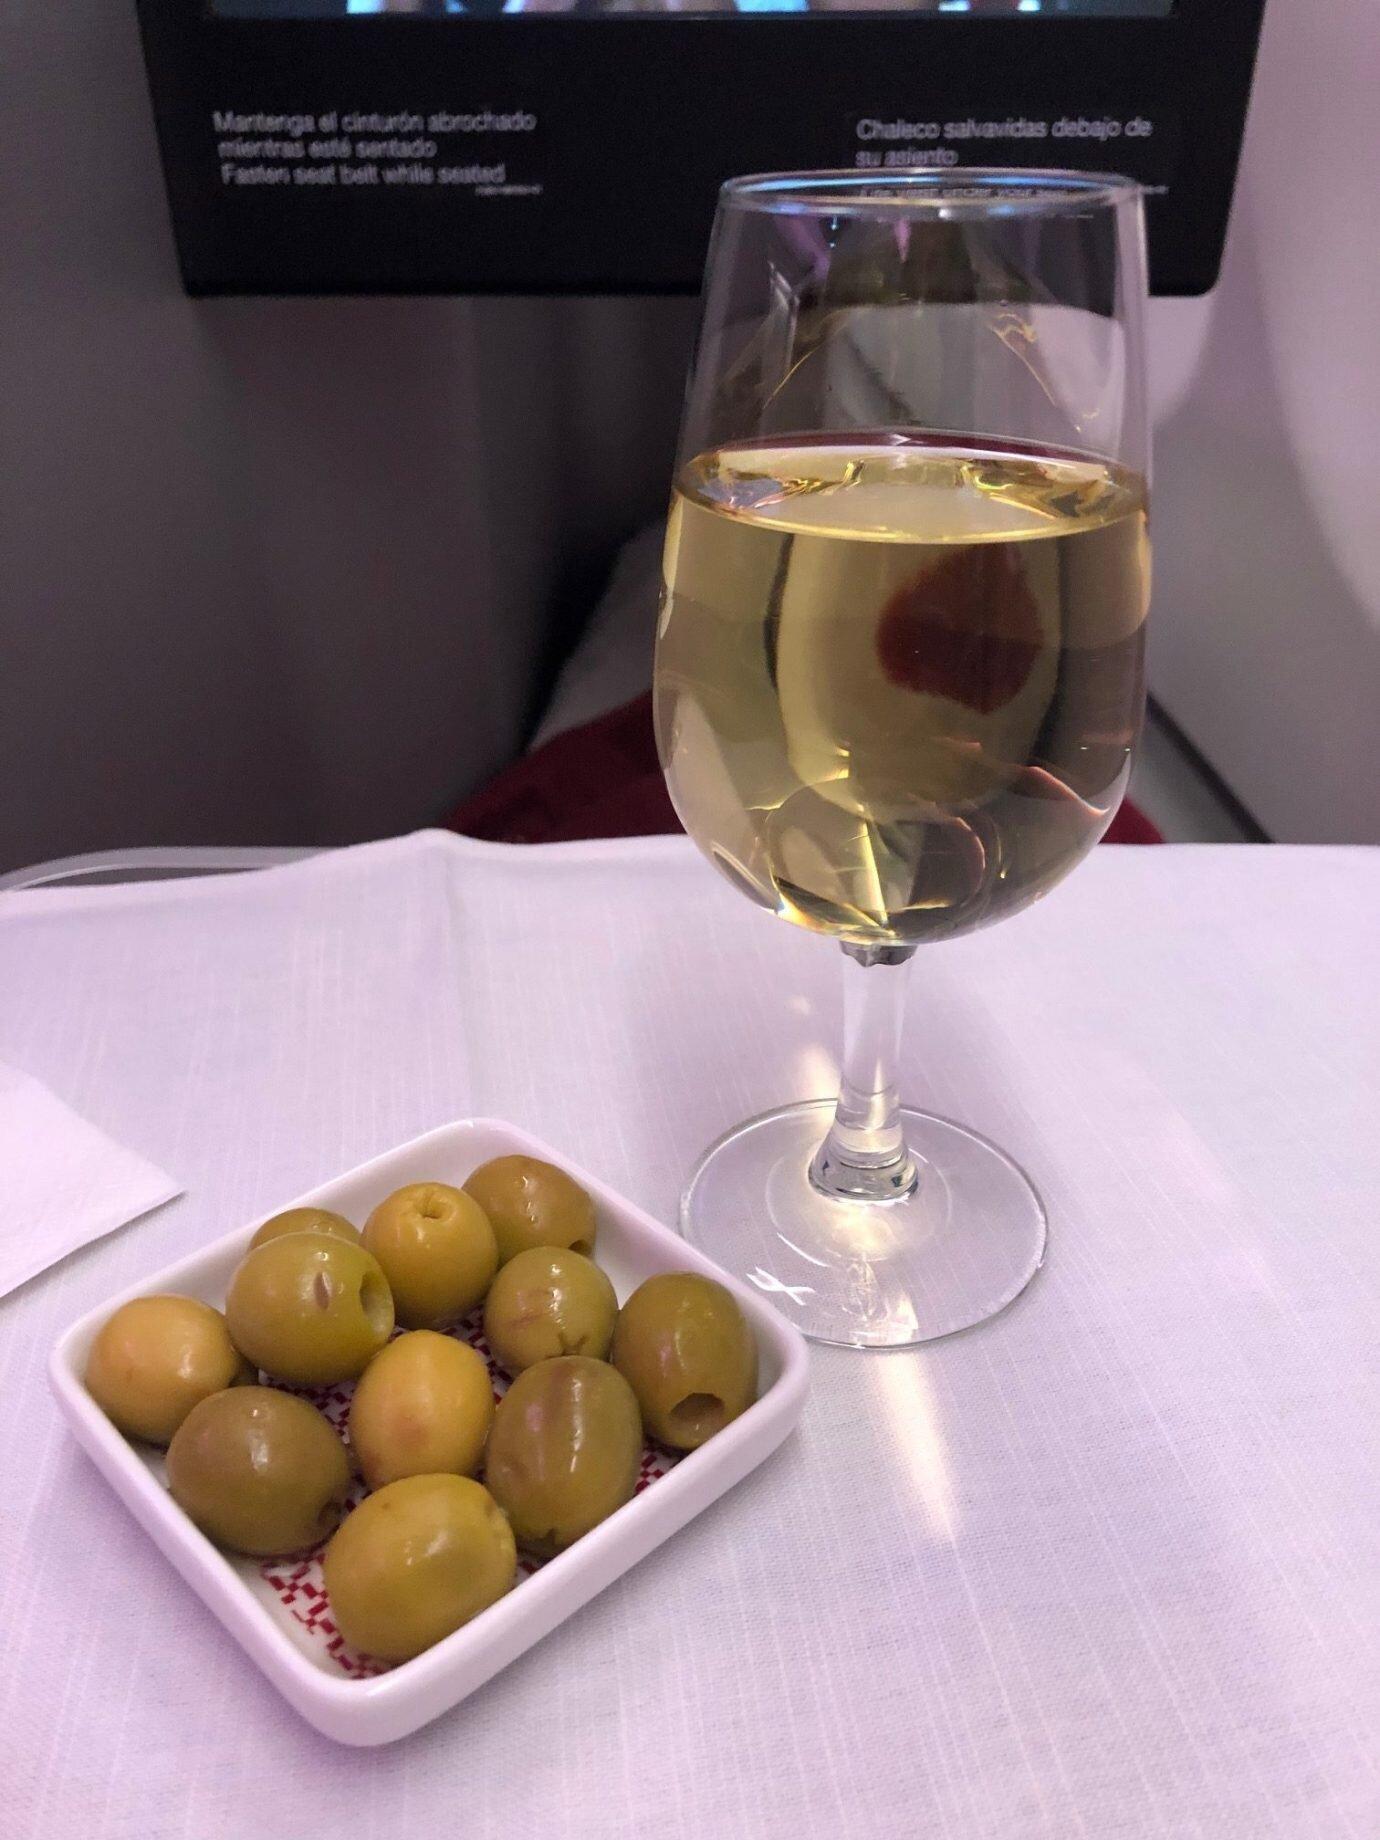 果然是地中海國家,餐前先來盤綠橄欖。搭配餐前酒,吃起來口感清脆好吃